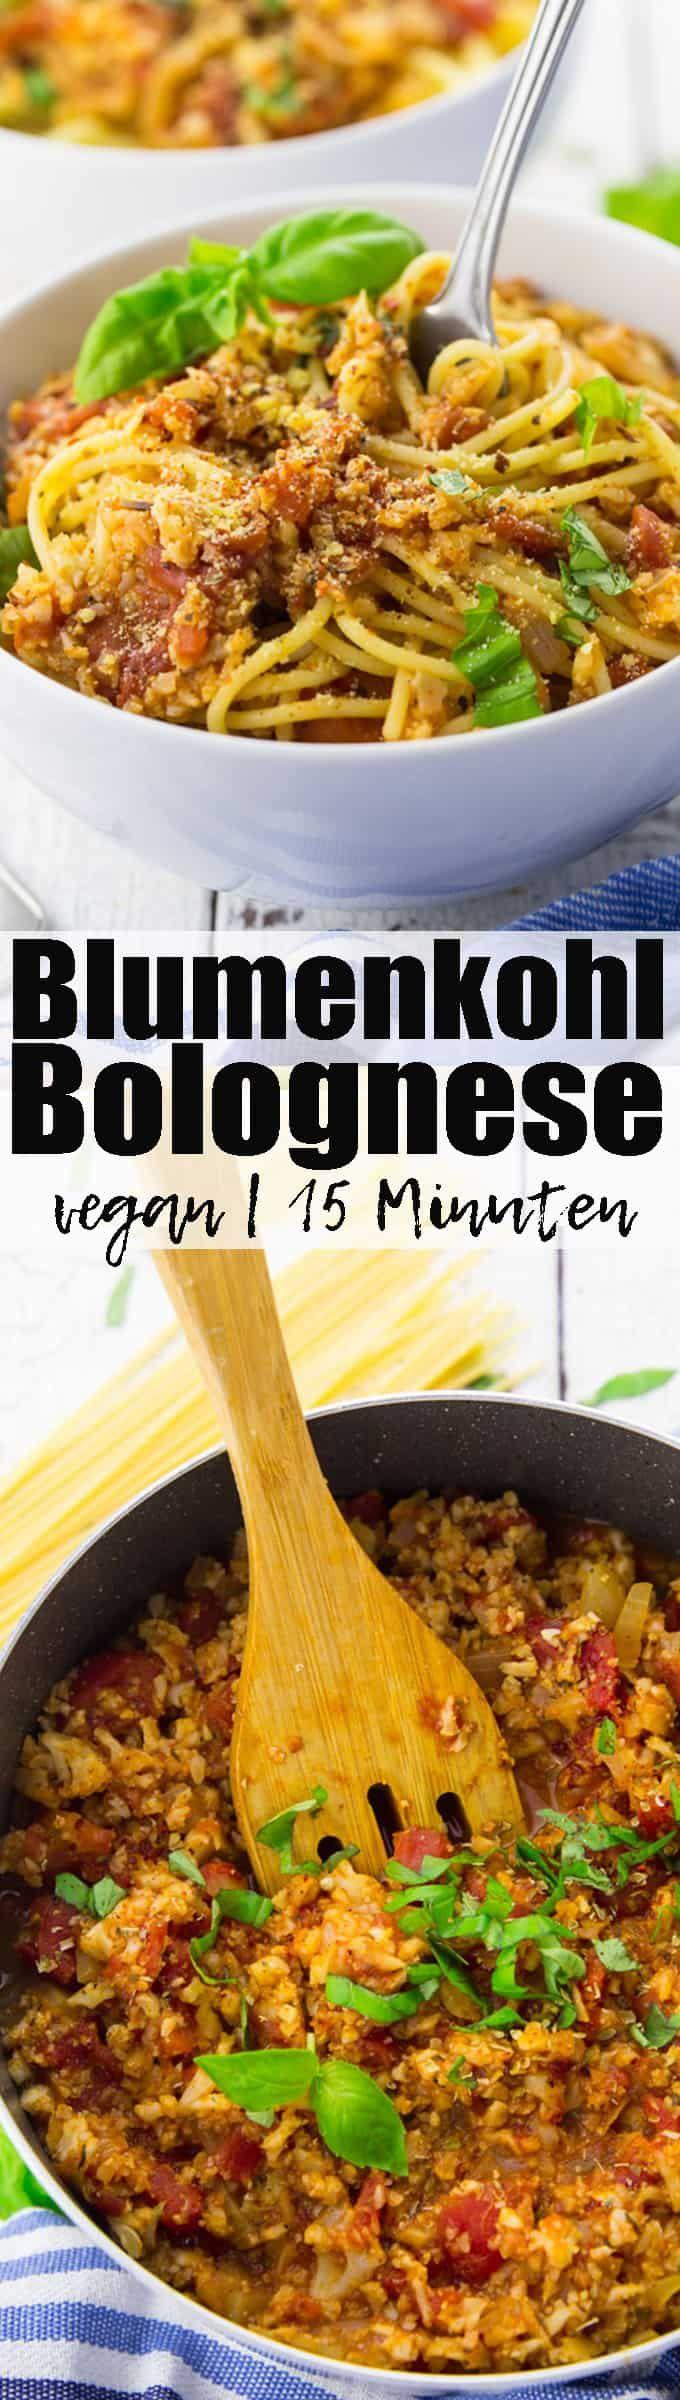 Habt ihr schon mal Blumenkohl Bolognese ausprobiert? Aktuell eines meiner liebsten Pasta Rezepte! Vegan und fertig in nur 15 Minuten! Gesunde Rezepte können sooo lecker sein! Mehr vegetarische Rezepte findet ihr auf veganheaven.de!